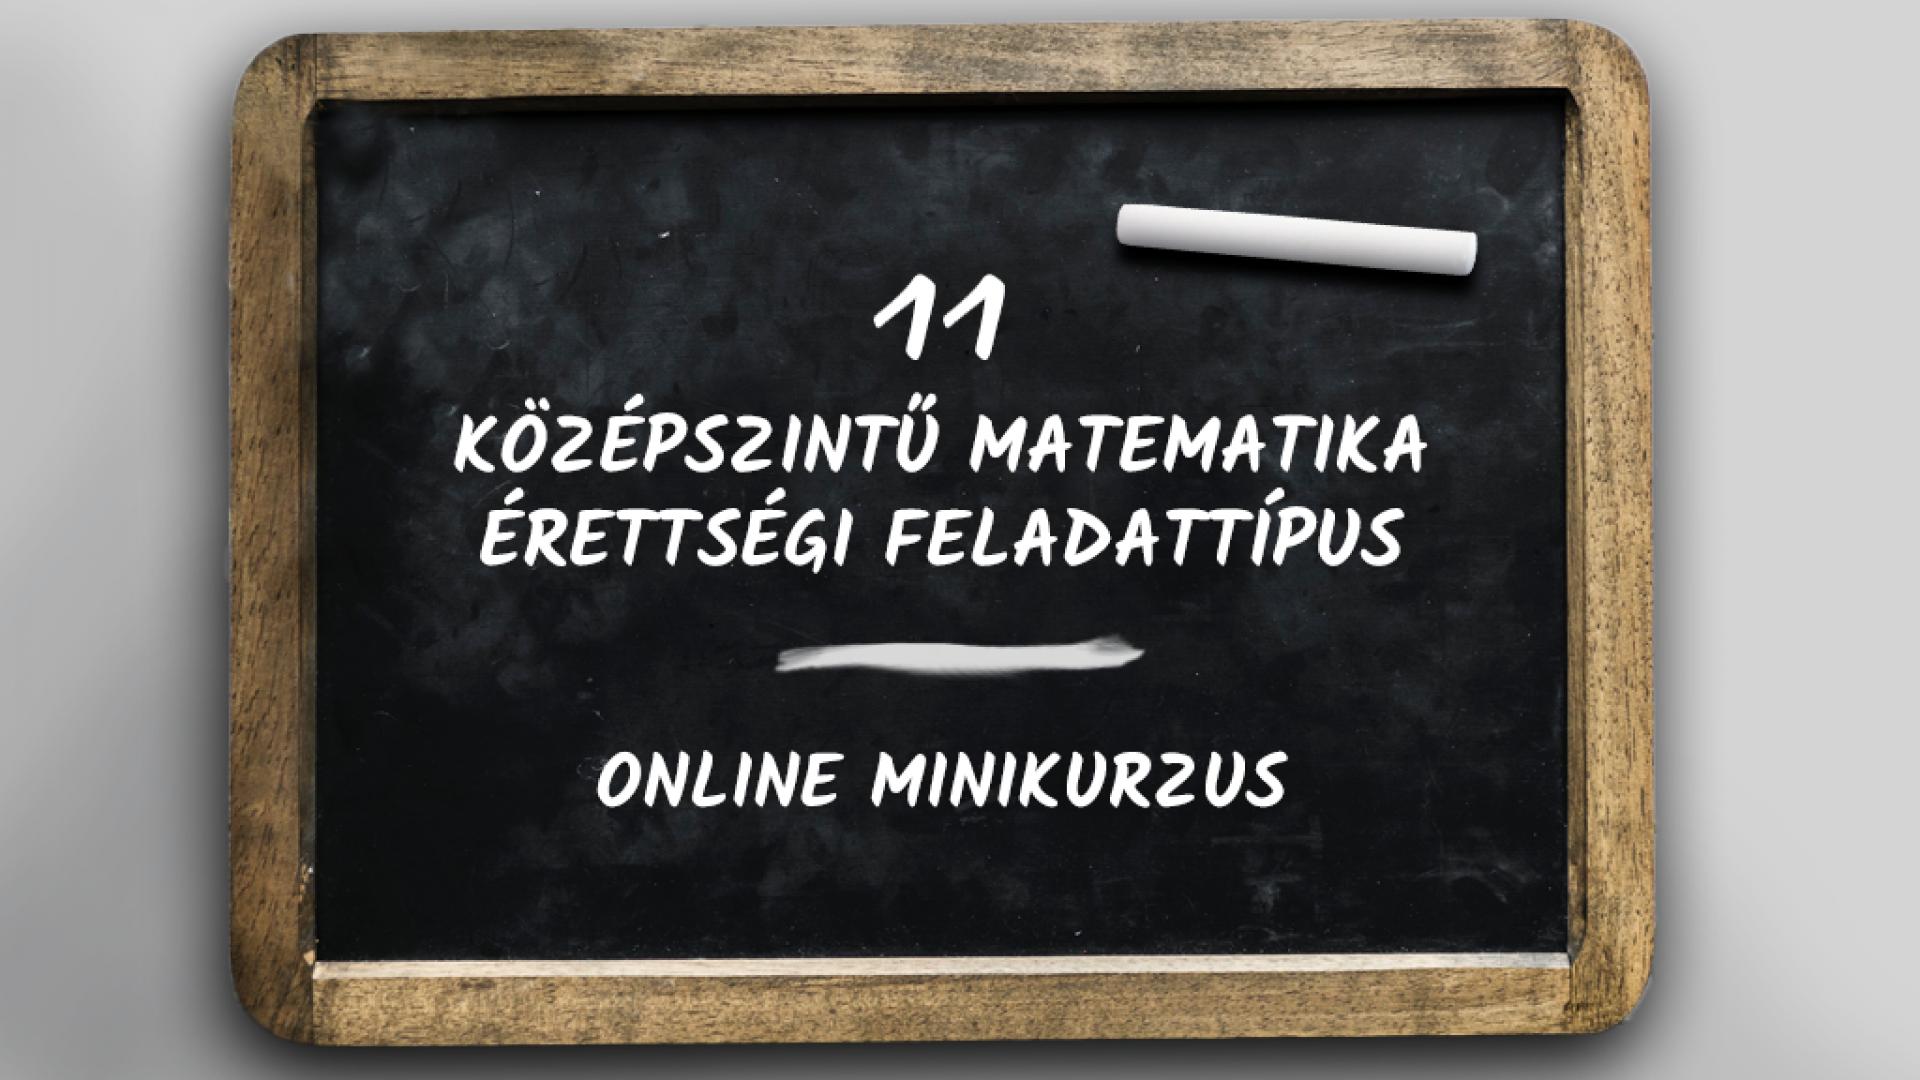 11 középszintű matematika érettségi feladattípus - minikurzus